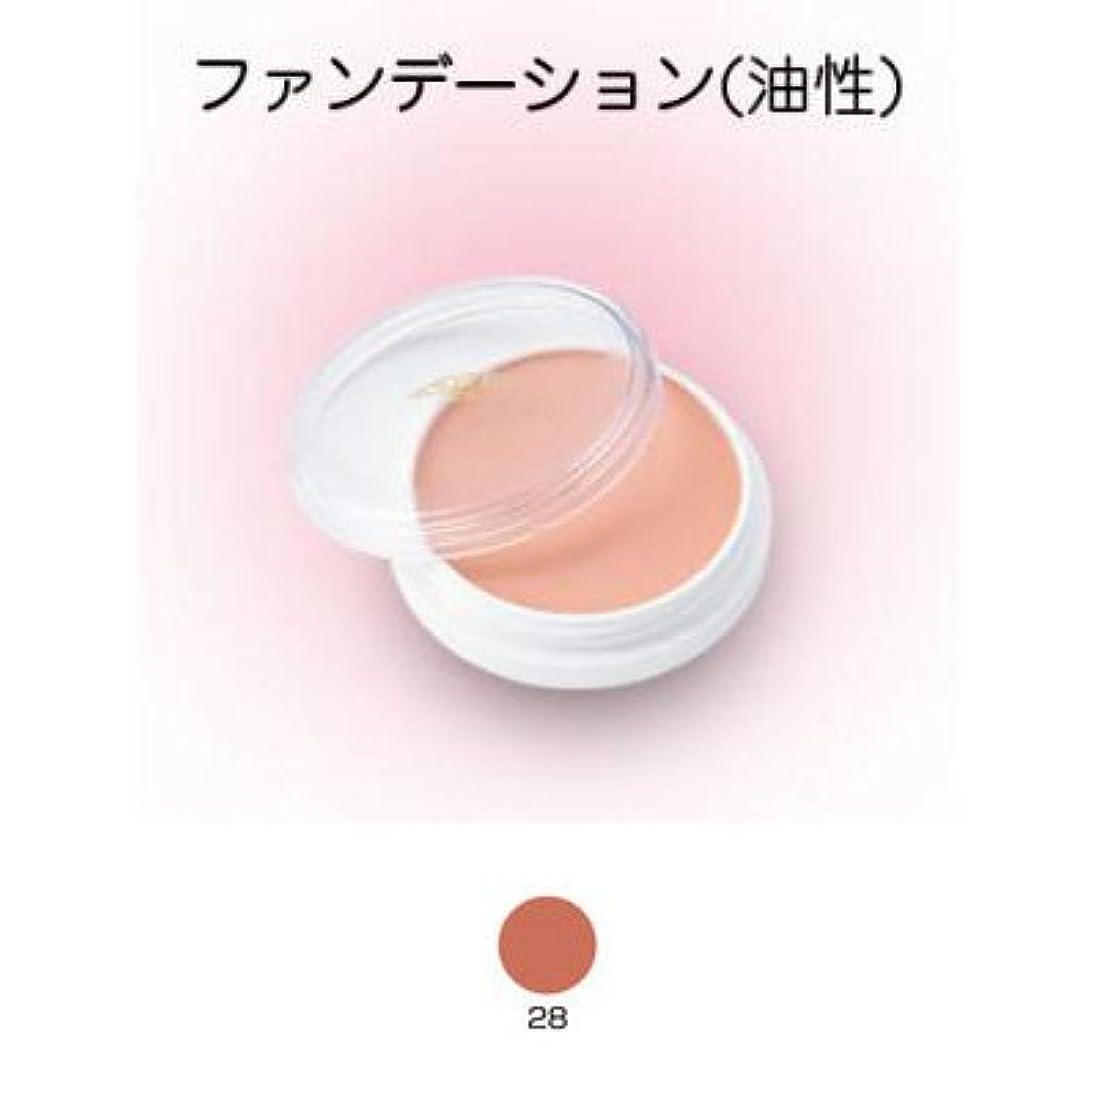 グリースペイント 8g 28 【三善】ドーラン